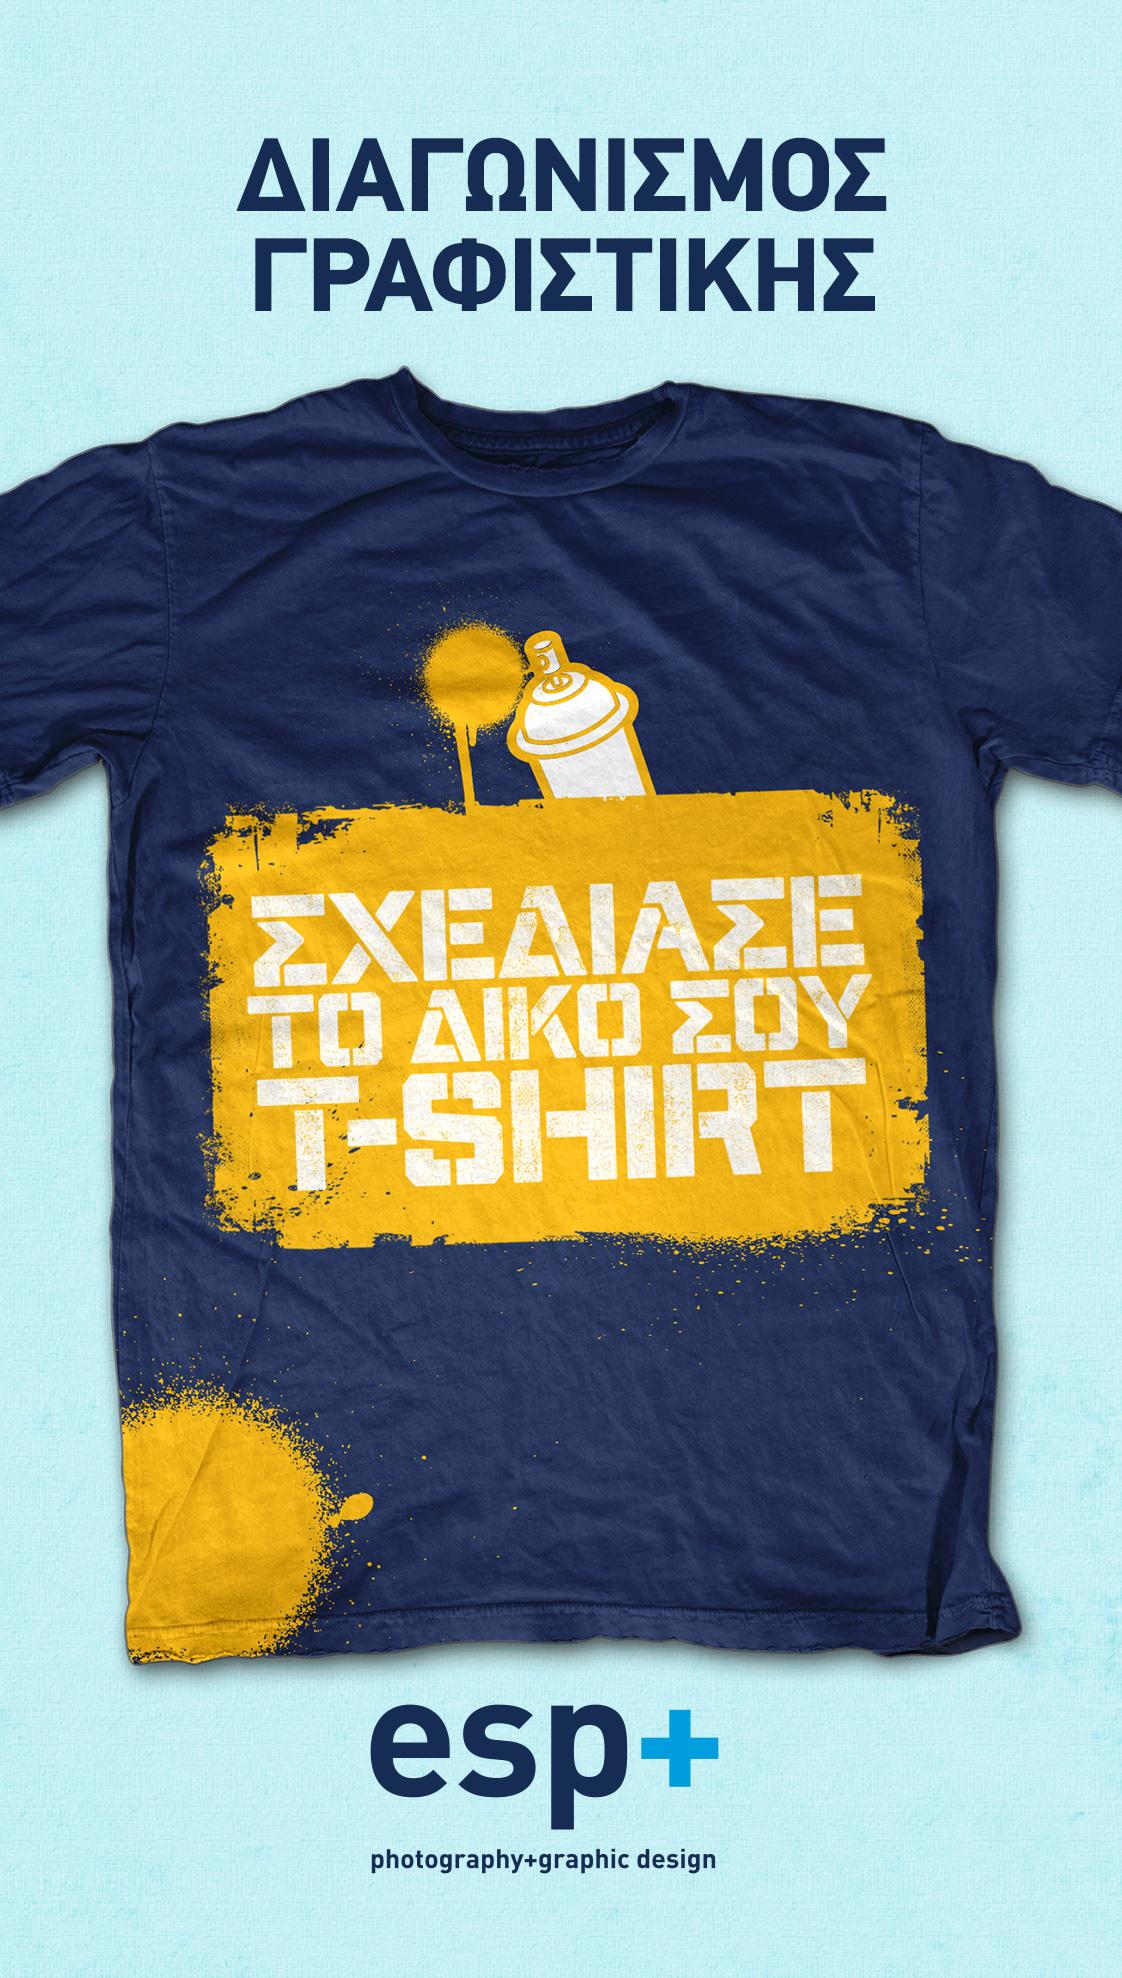 esp T-shirt 2019